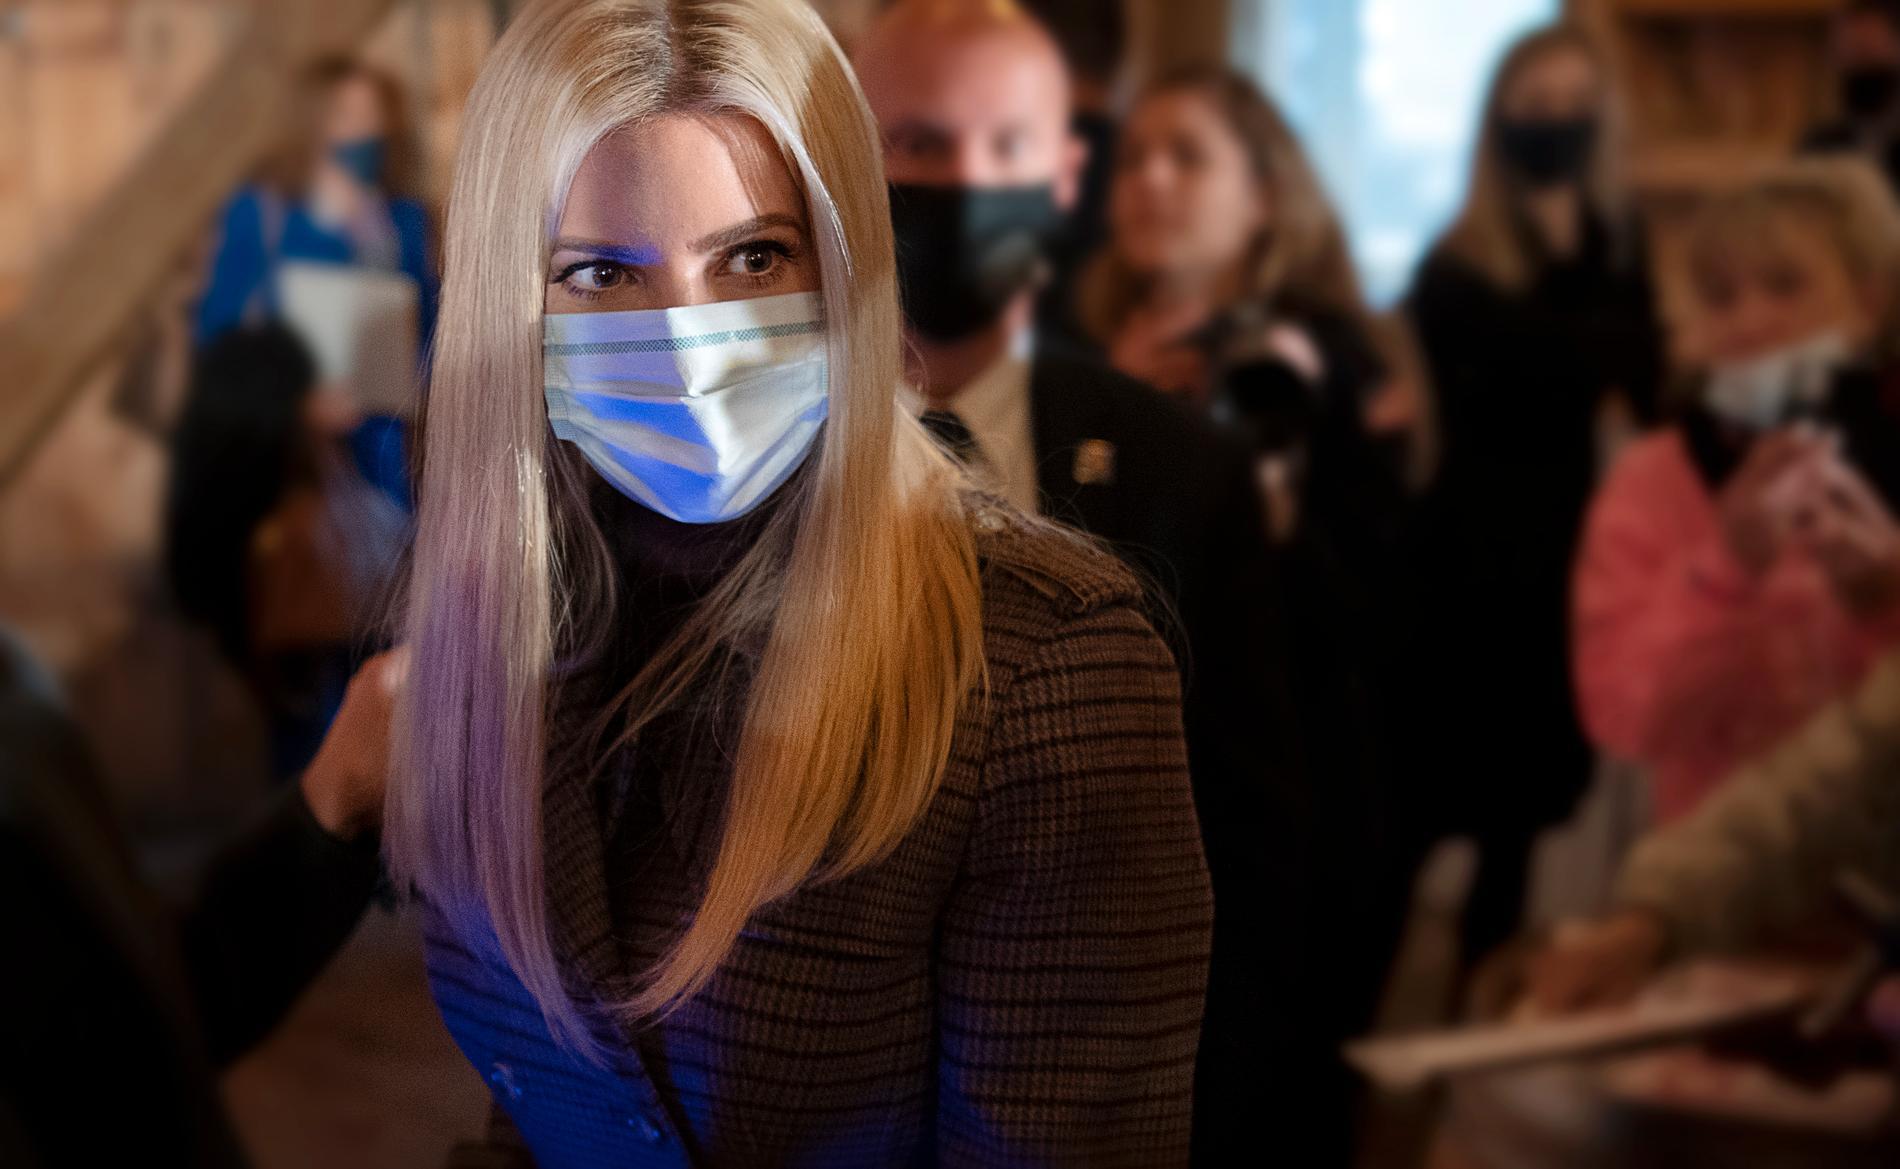 När Ivanka Trump klivit av scenen åker ansiktsmasken på direkt.